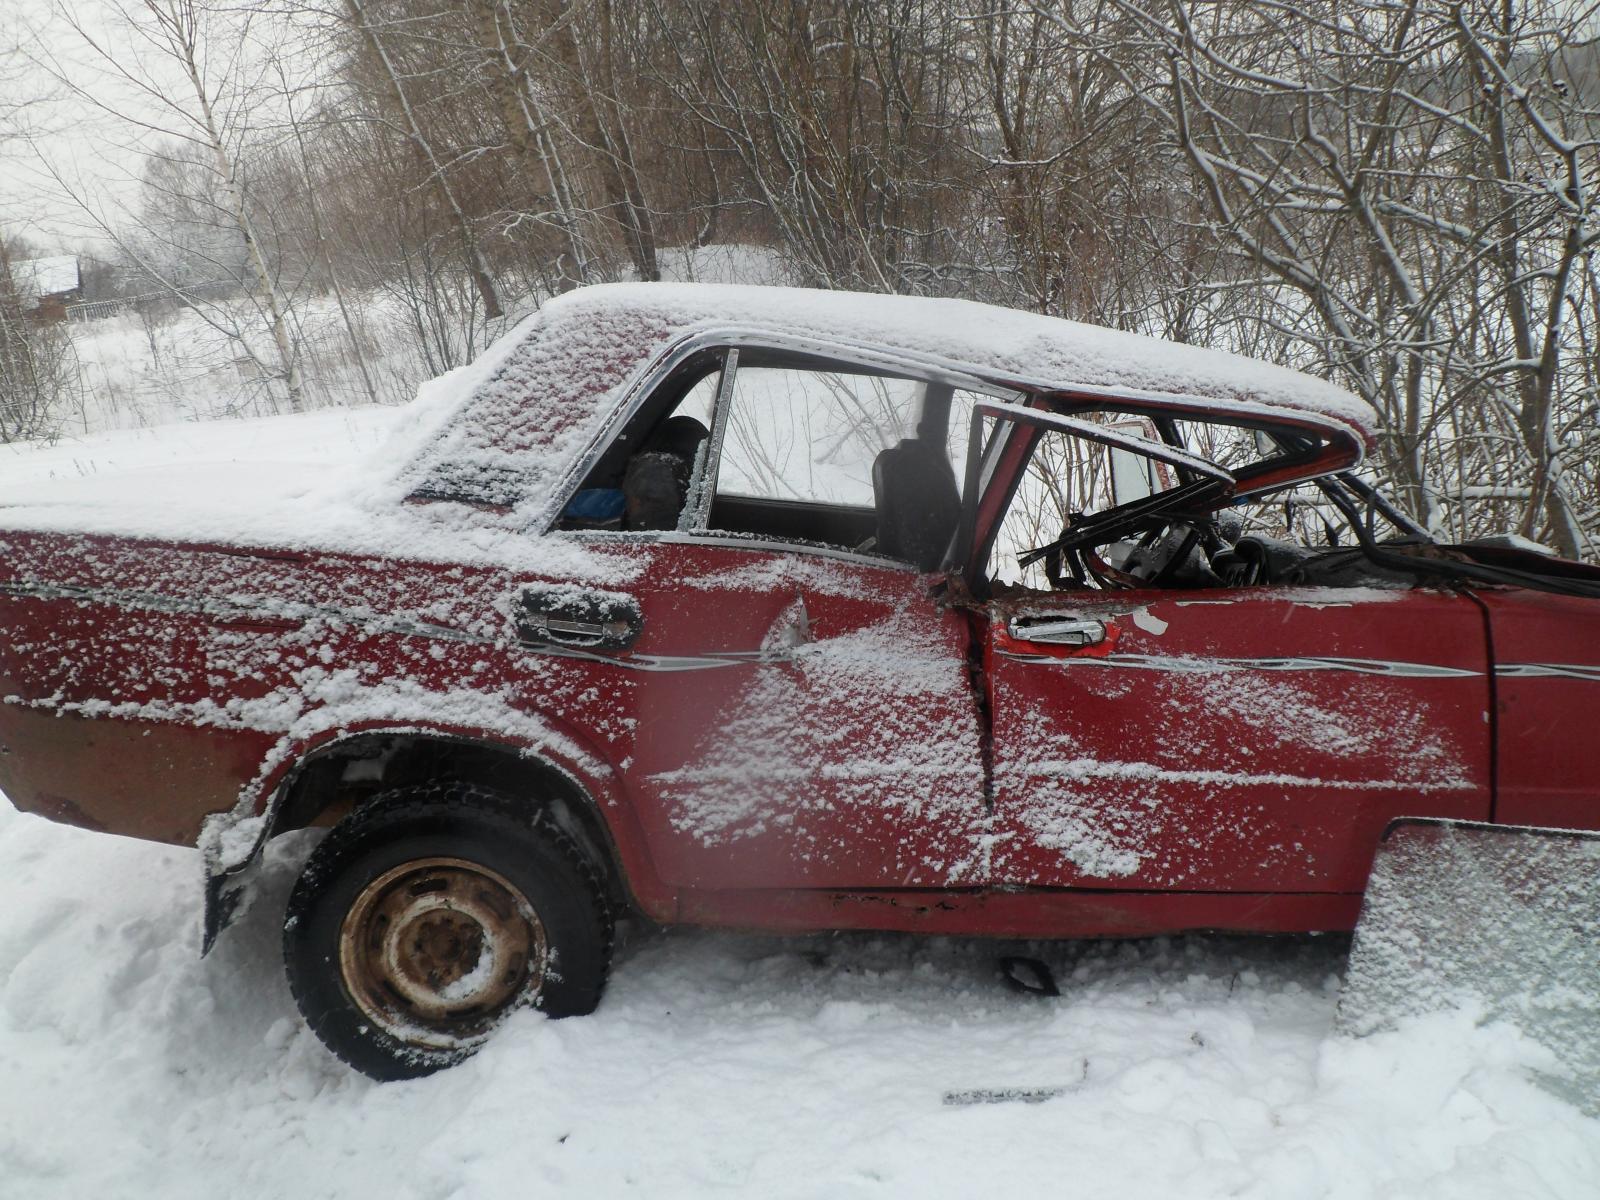 В Ярославской области пьяный водитель ВАЗа влетел во встречный грузовик: пострадал человек